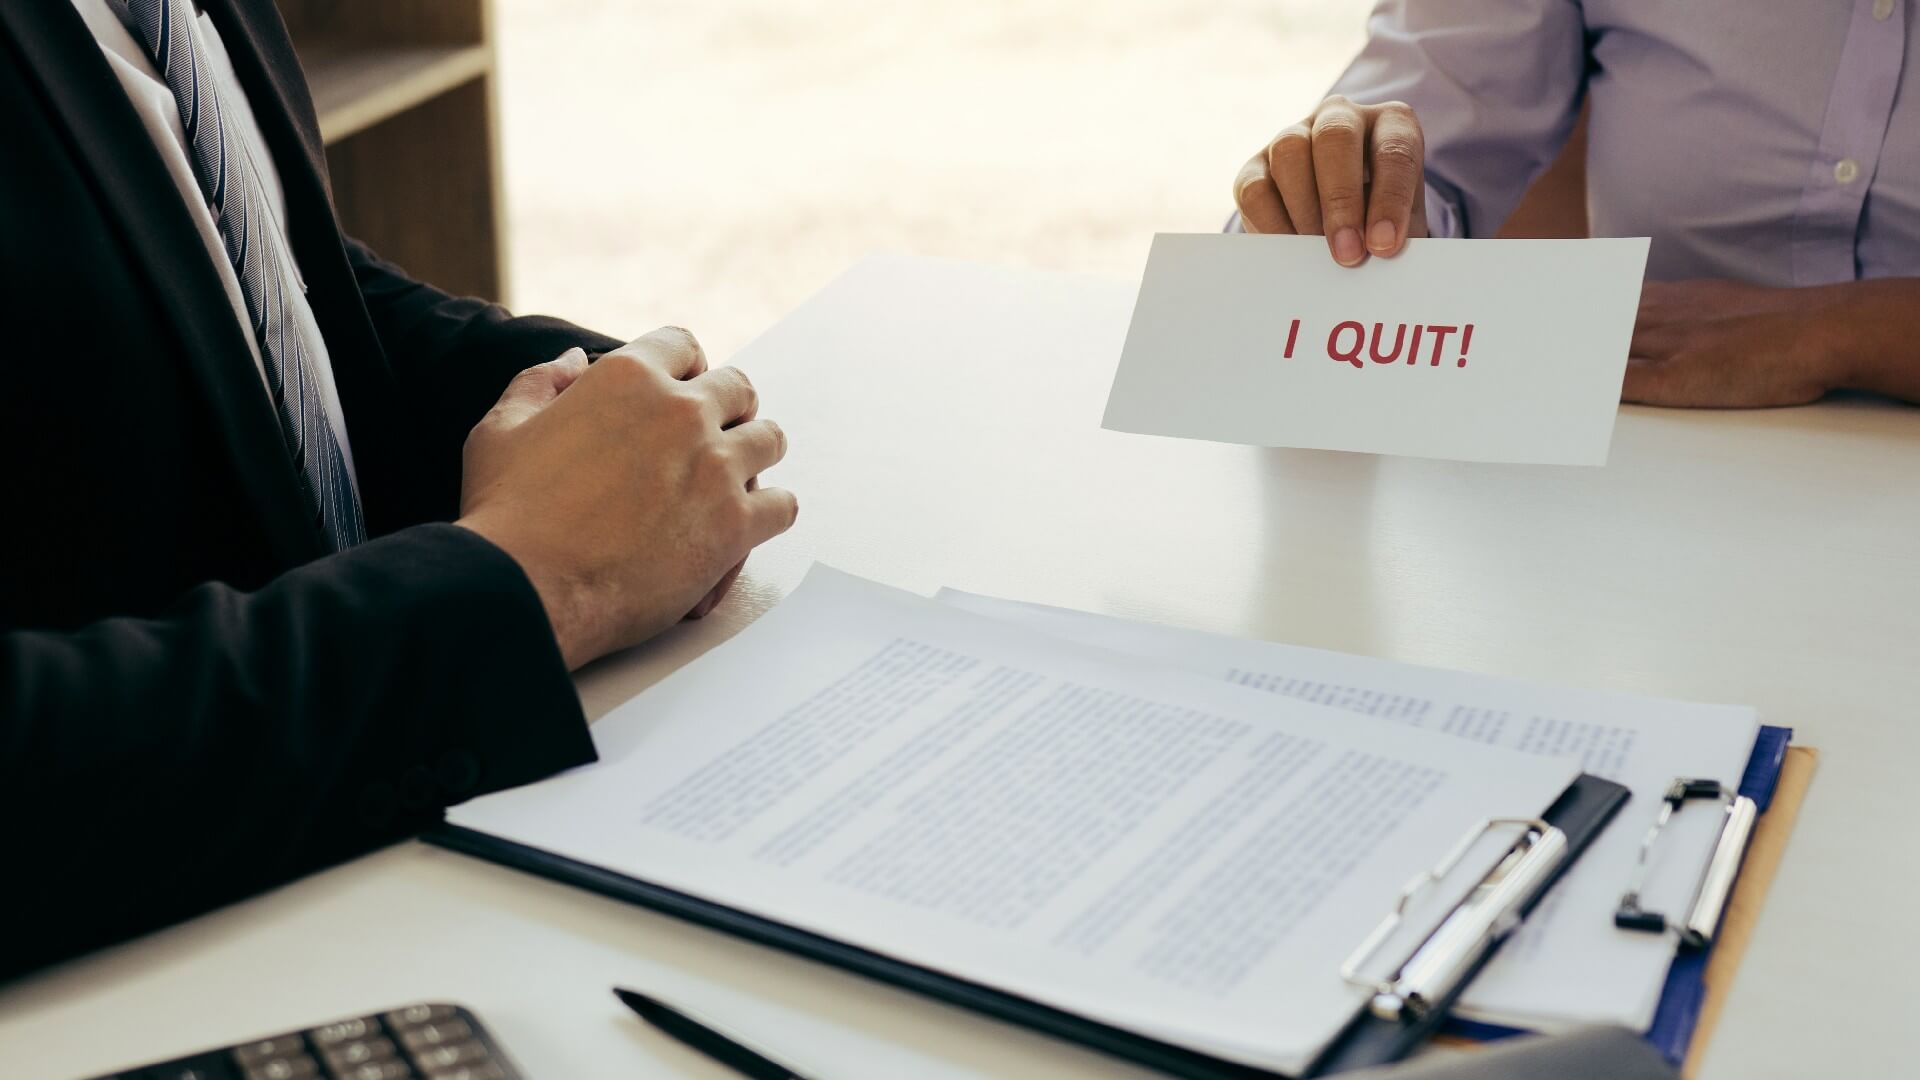 עובד מתפטר מהעבודה